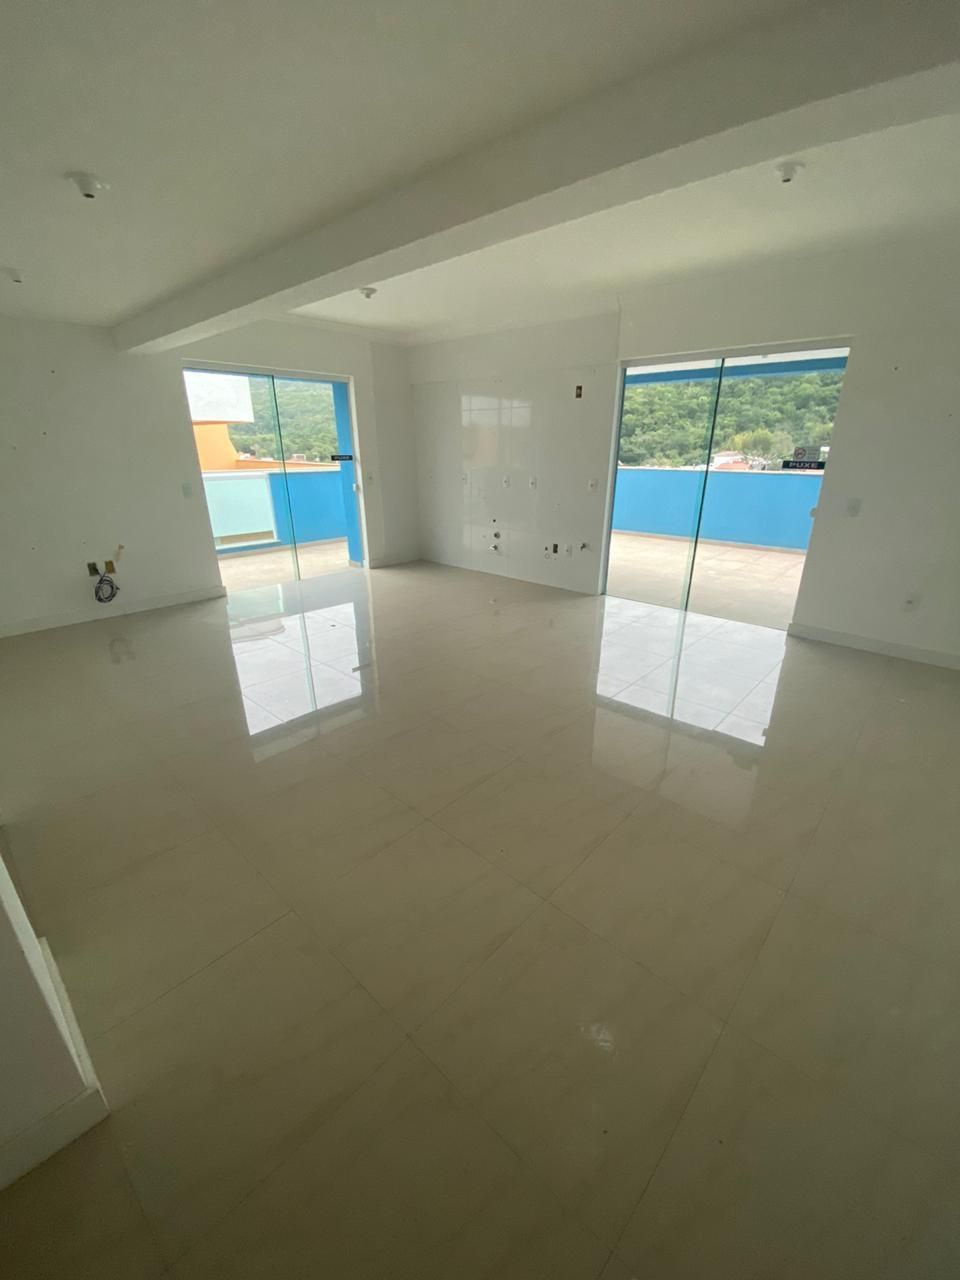 Cobertura com 3 Dormitórios à venda, 140 m² por R$ 790.000,00